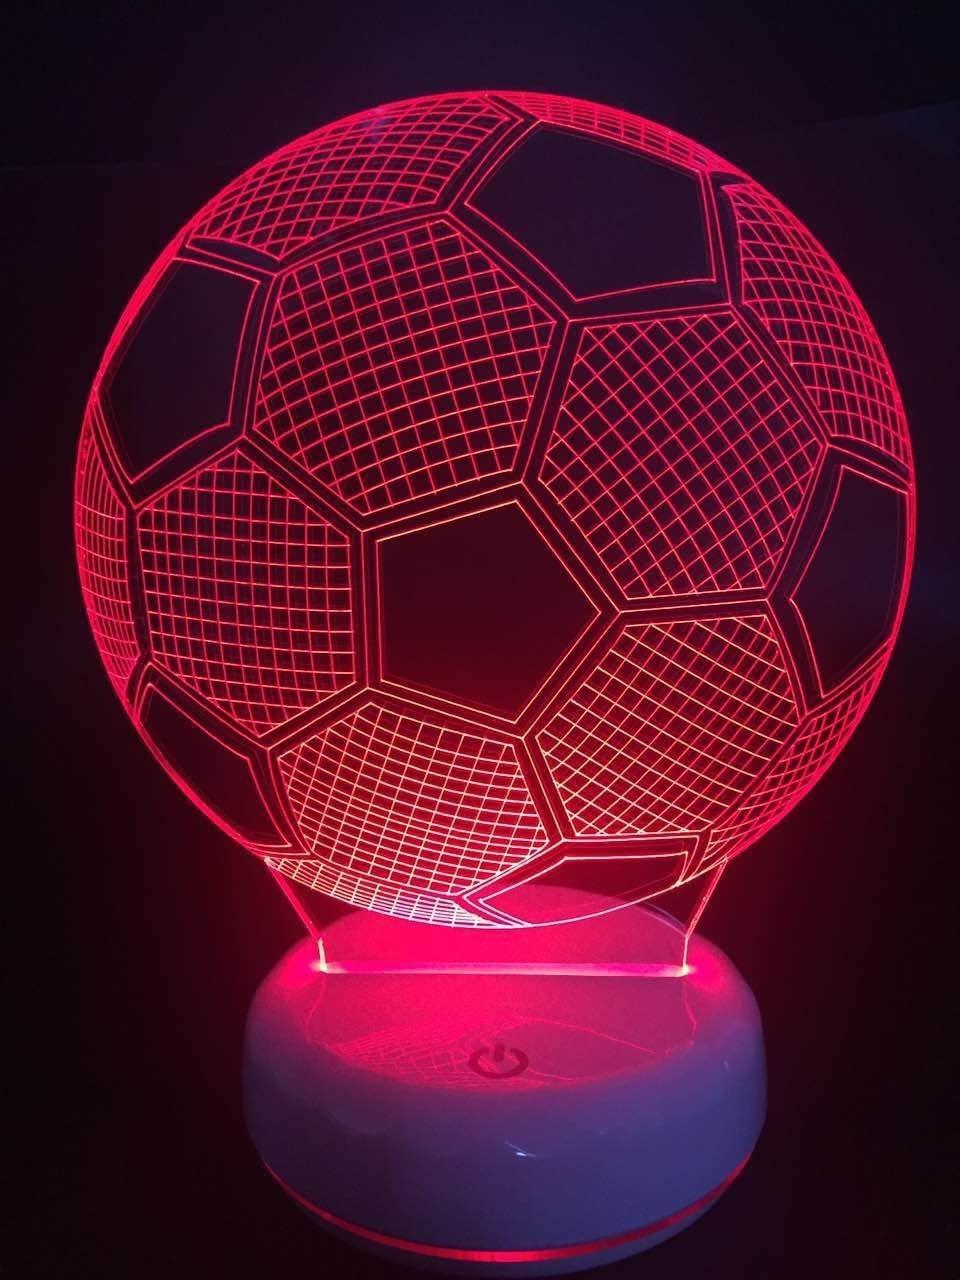 DONJON lámpara de noche LED balón de fútbol con control remoto inalámbrico 16 colores para habitaciones de niños (regalo de cumpleaños, regalo de navidad,etc…)